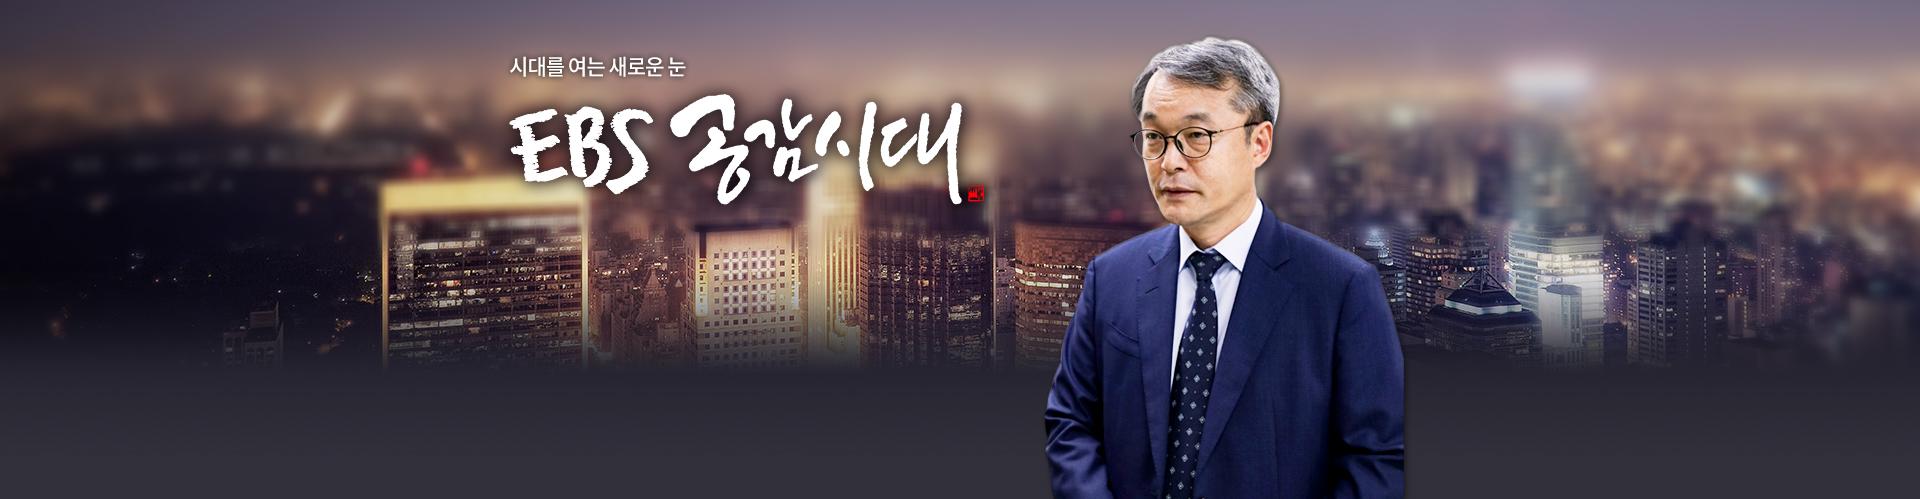 EBS 공감시대 - 0524(금) 공감시대